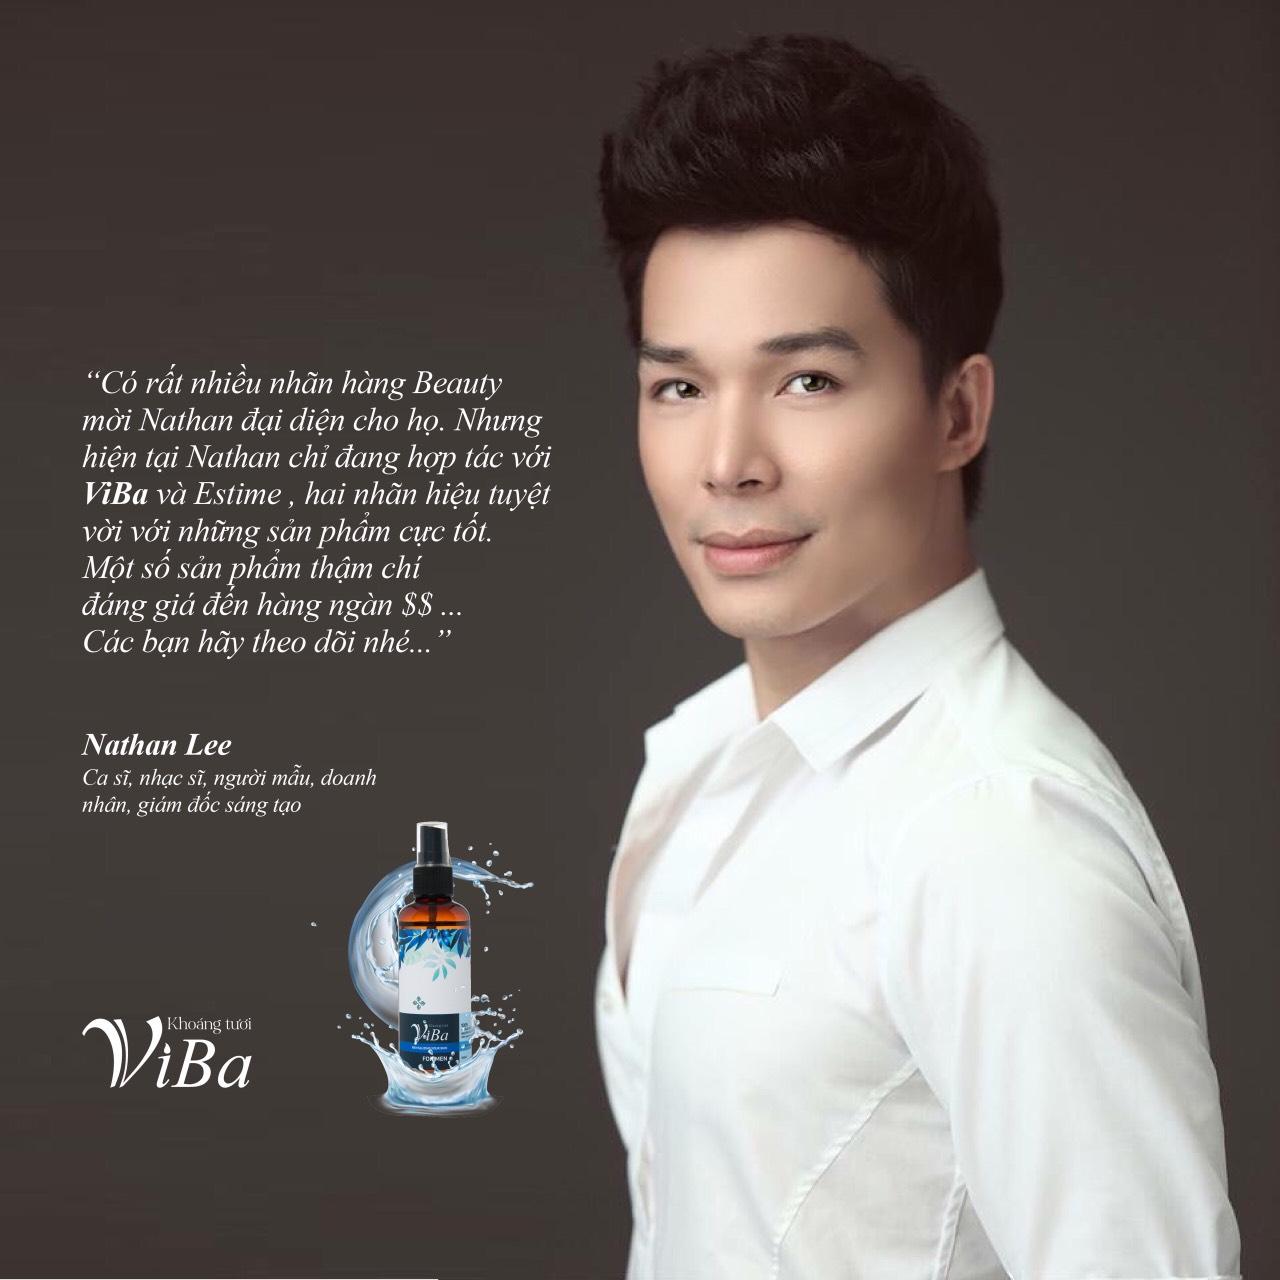 Đại sứ thương hiệu Khoáng tươi Viba - Nathan Lee